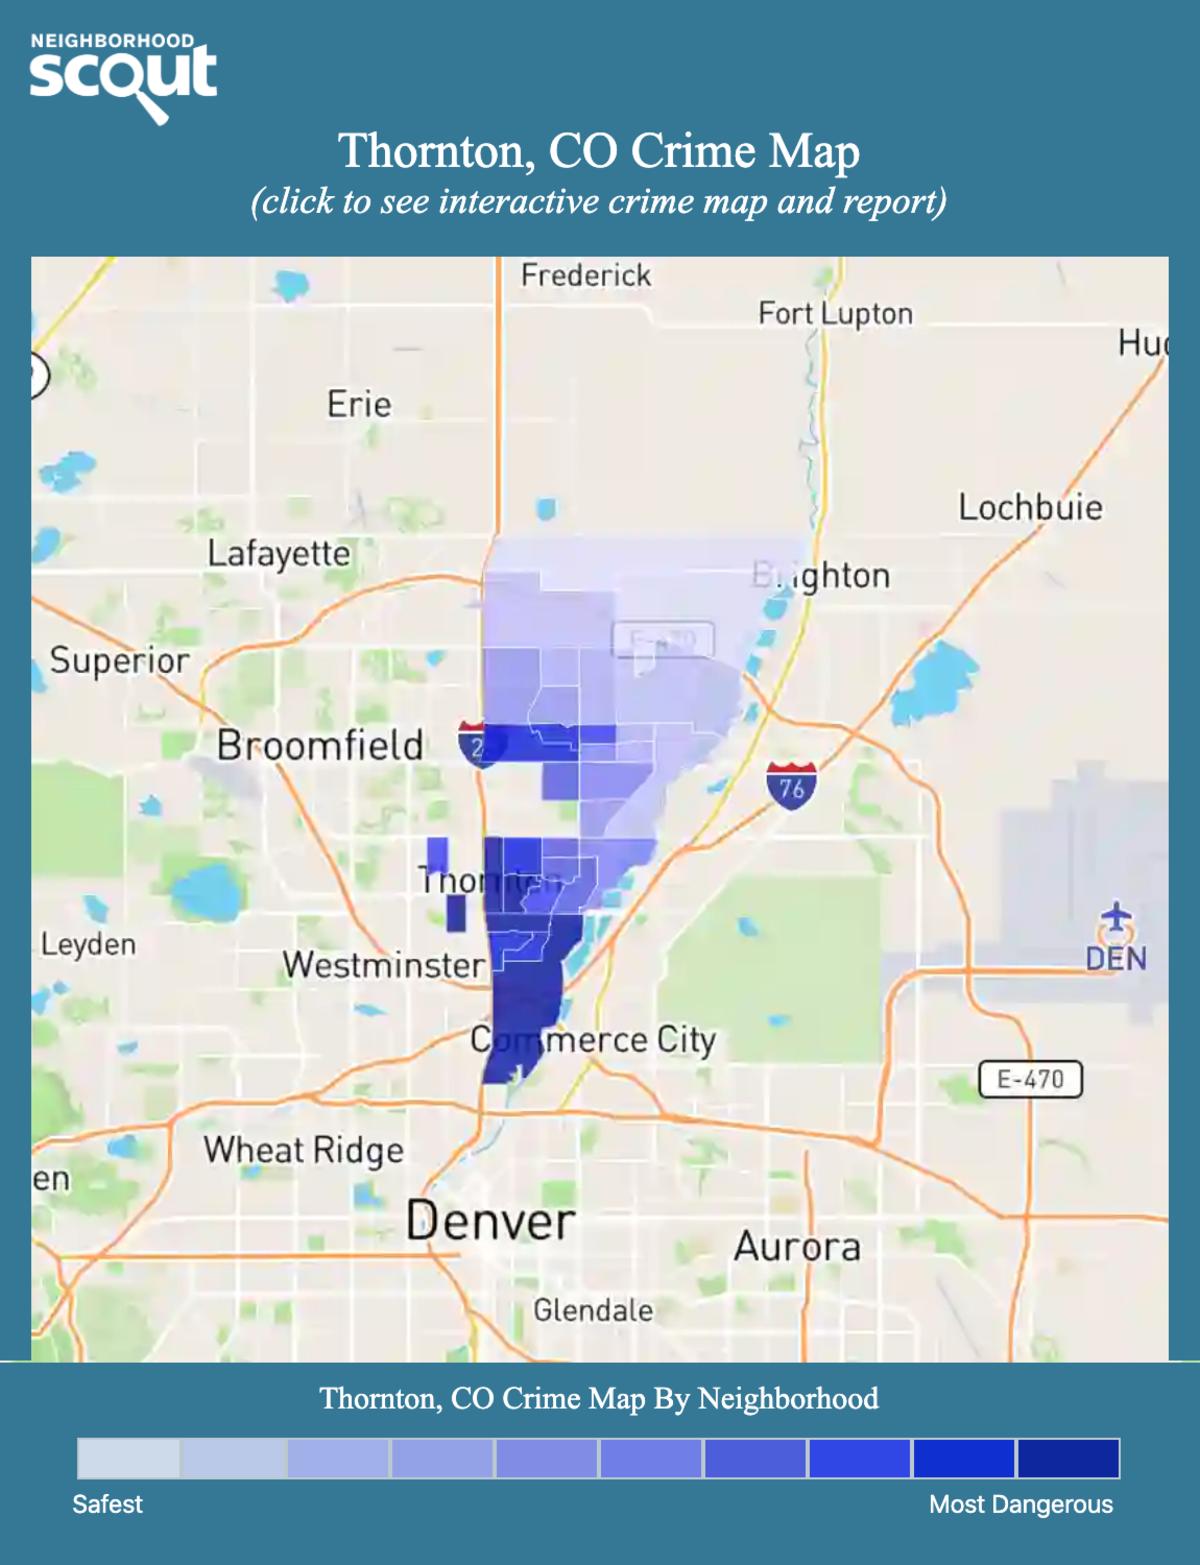 Thornton, Colorado crime map